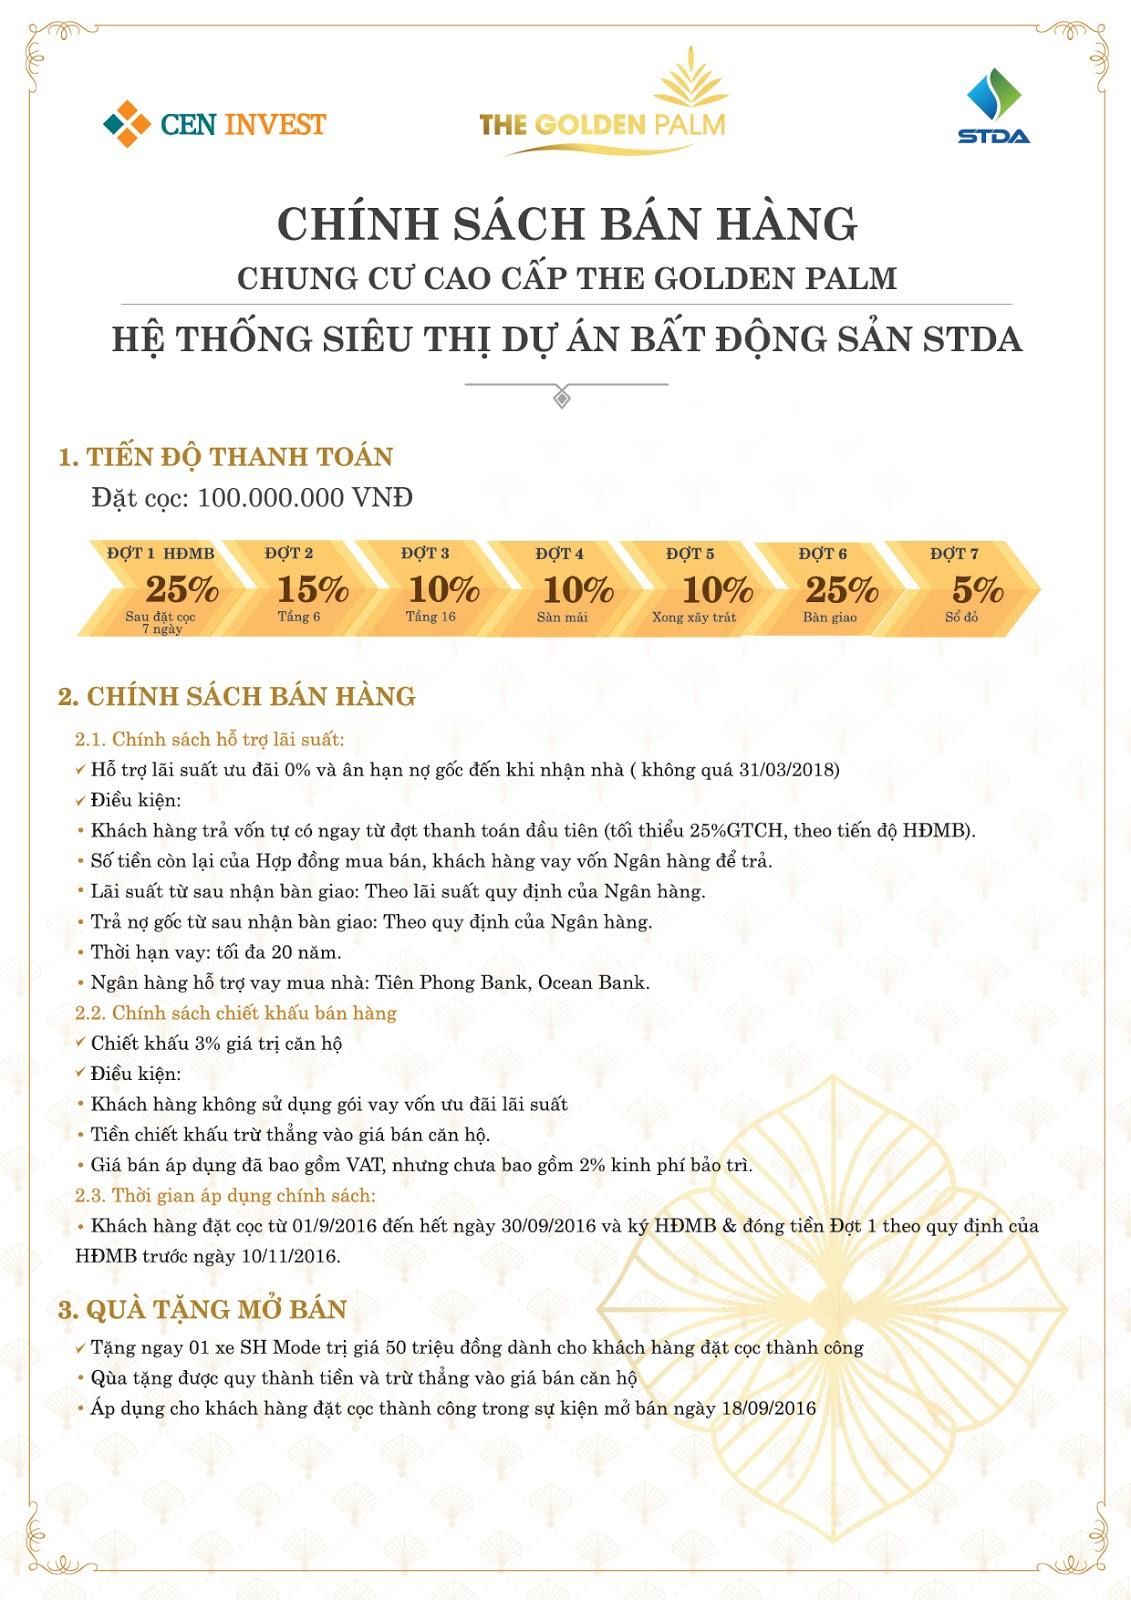 Chính sách bán hàng dự án chung cư The Golden Palm